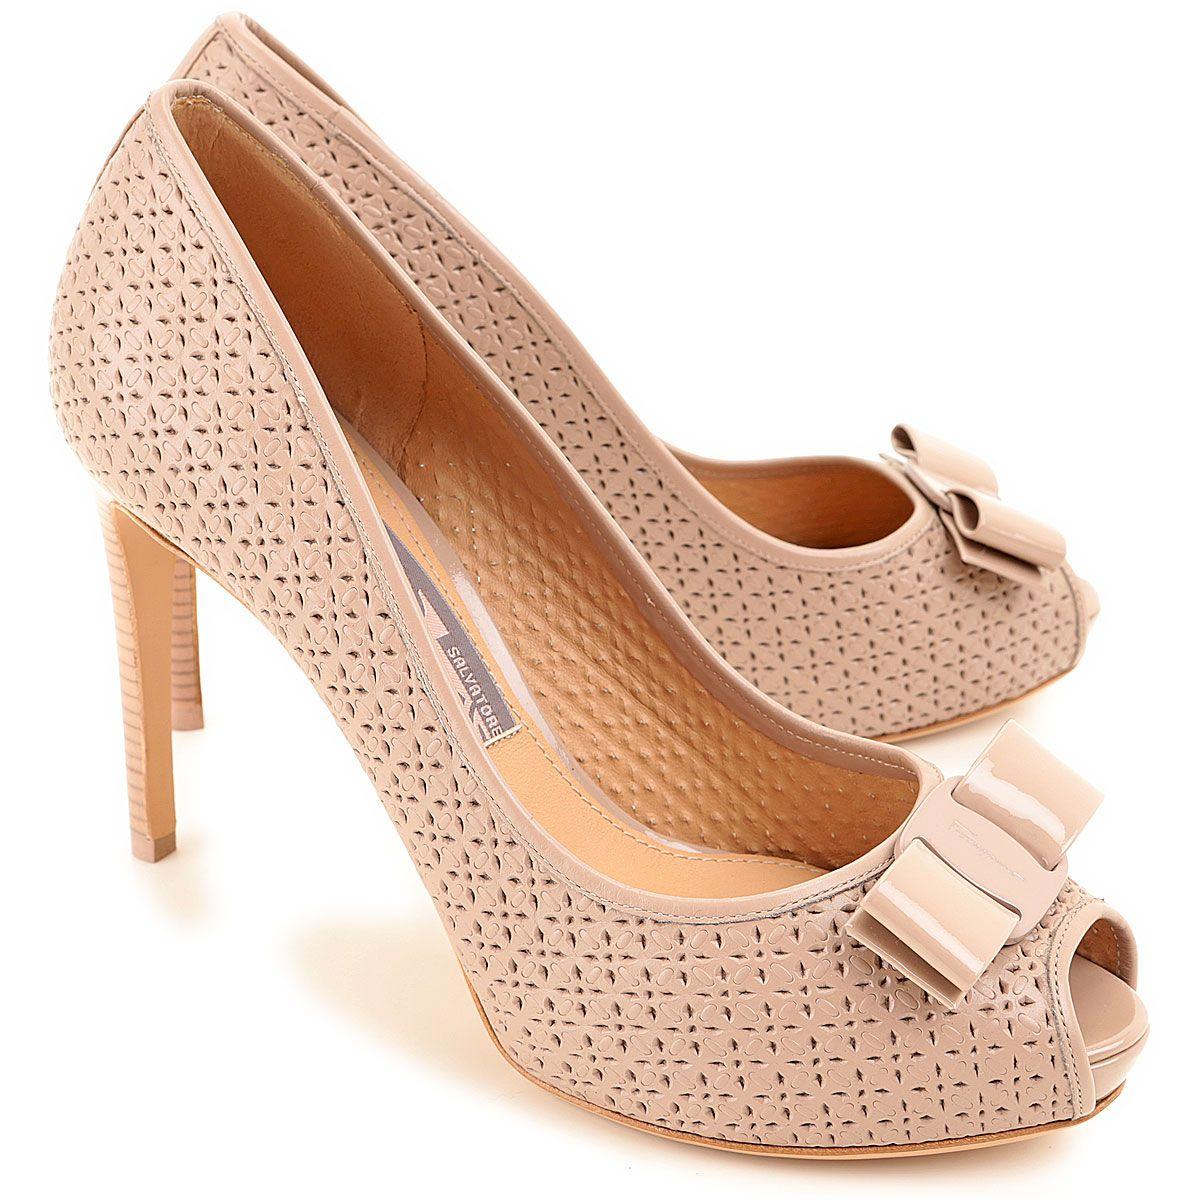 Salvatore Ferragamo, calzado de diseño clásico   Zapatos 5b8132b59d